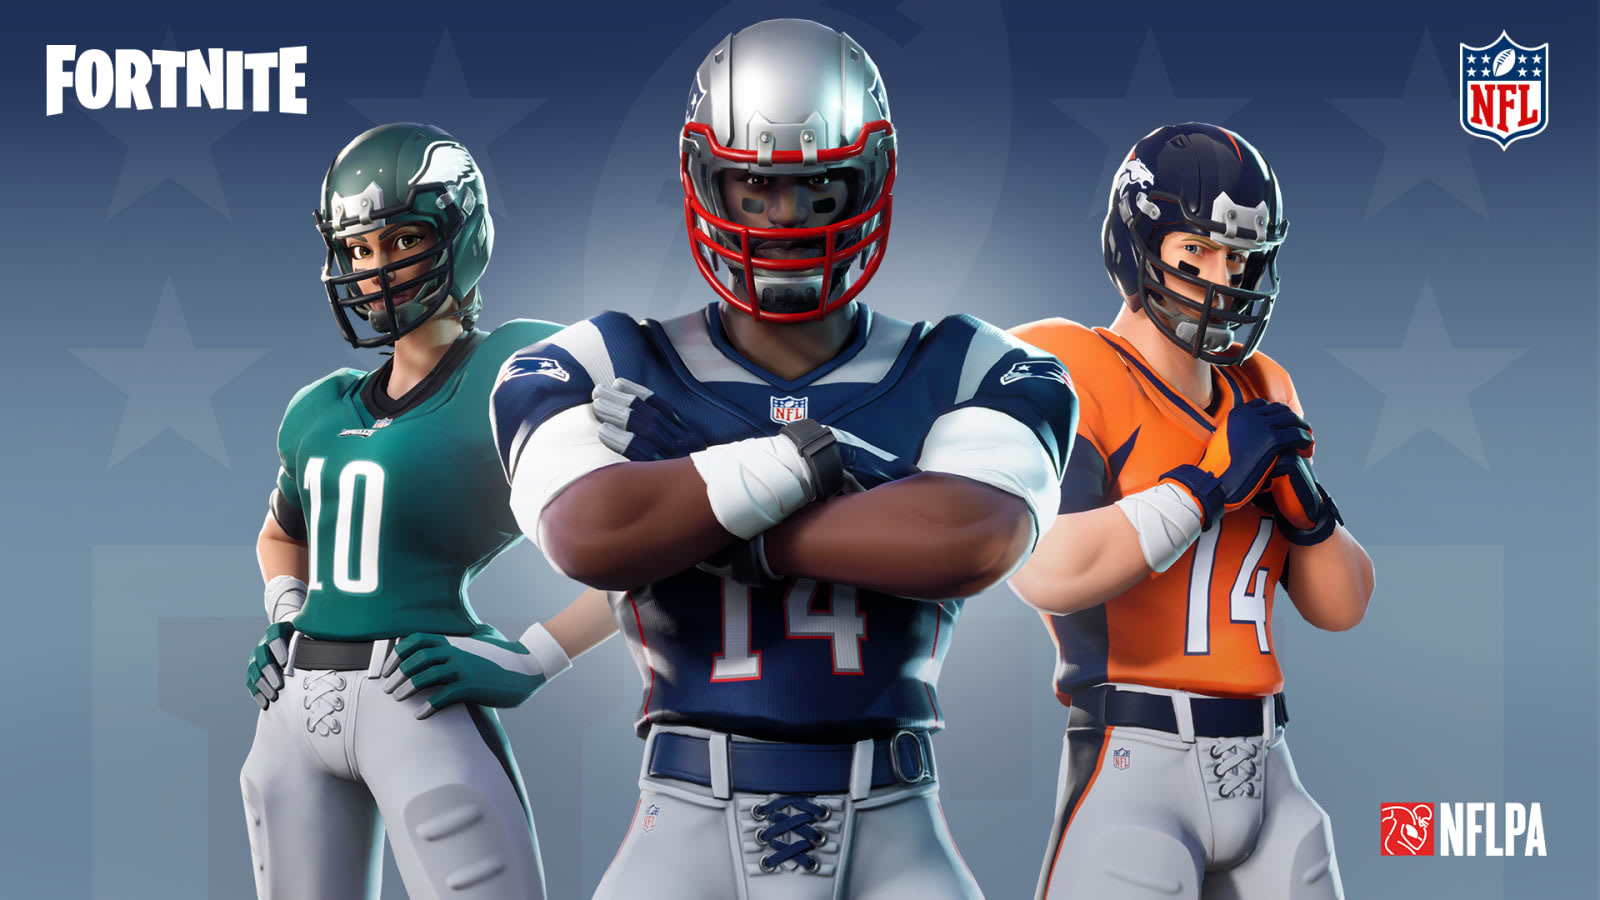 b95b31703dc  Fortnite  is adding NFL team jerseys